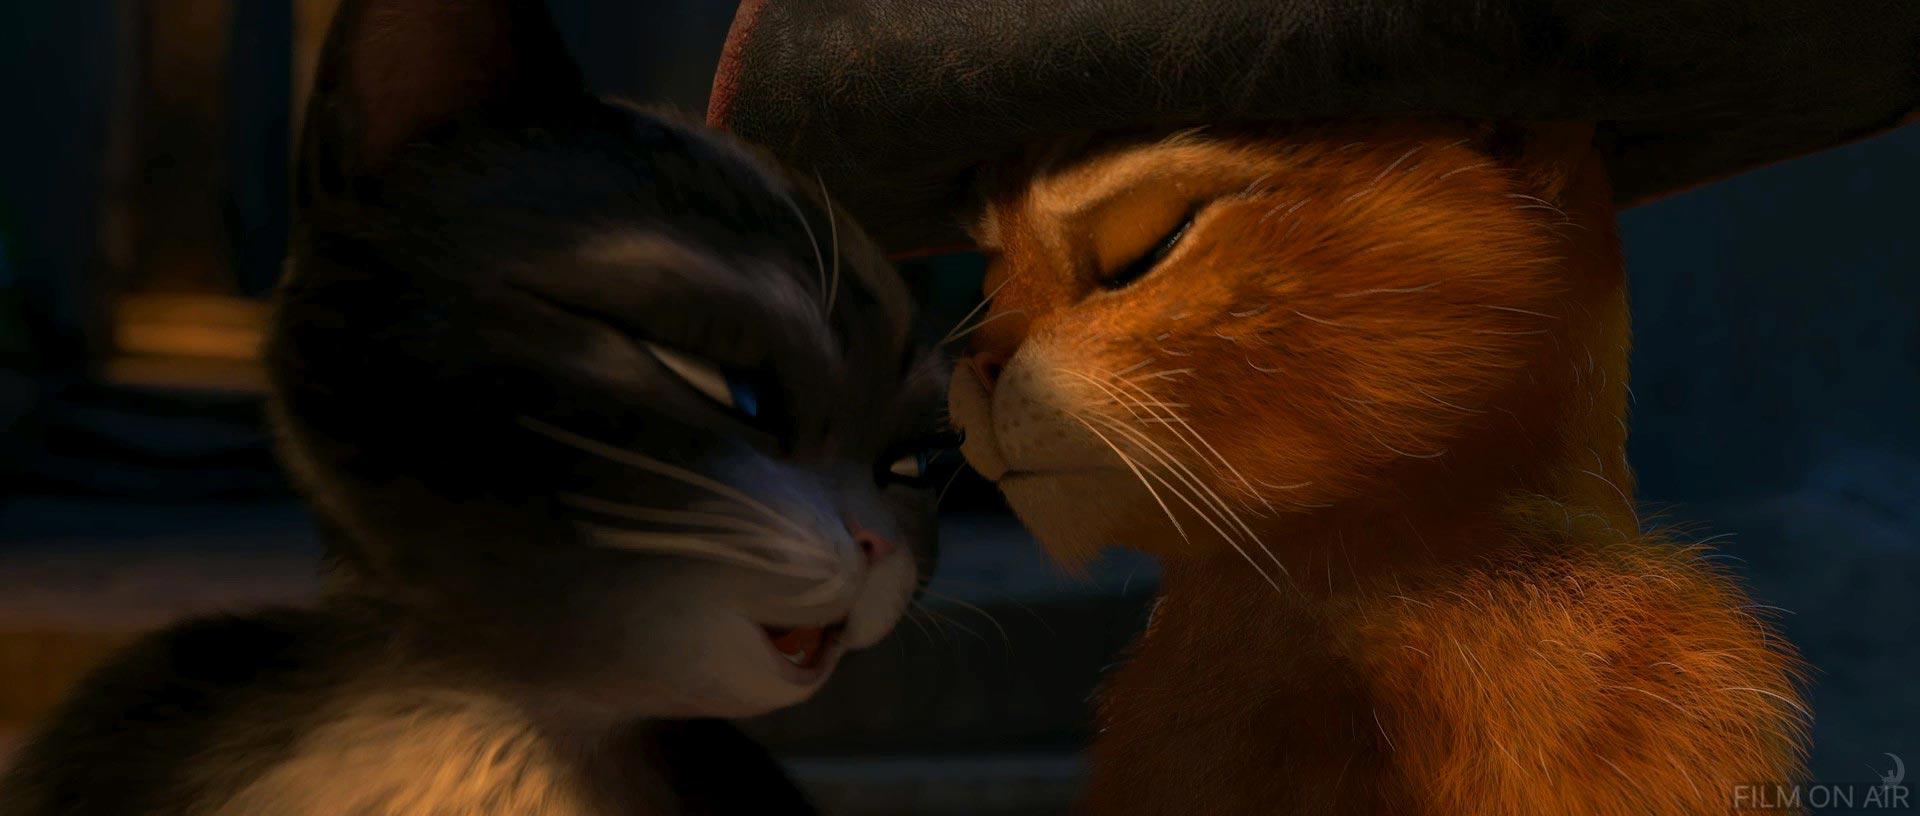 Кот в сапогах и киса мягколапка занимаются сексом